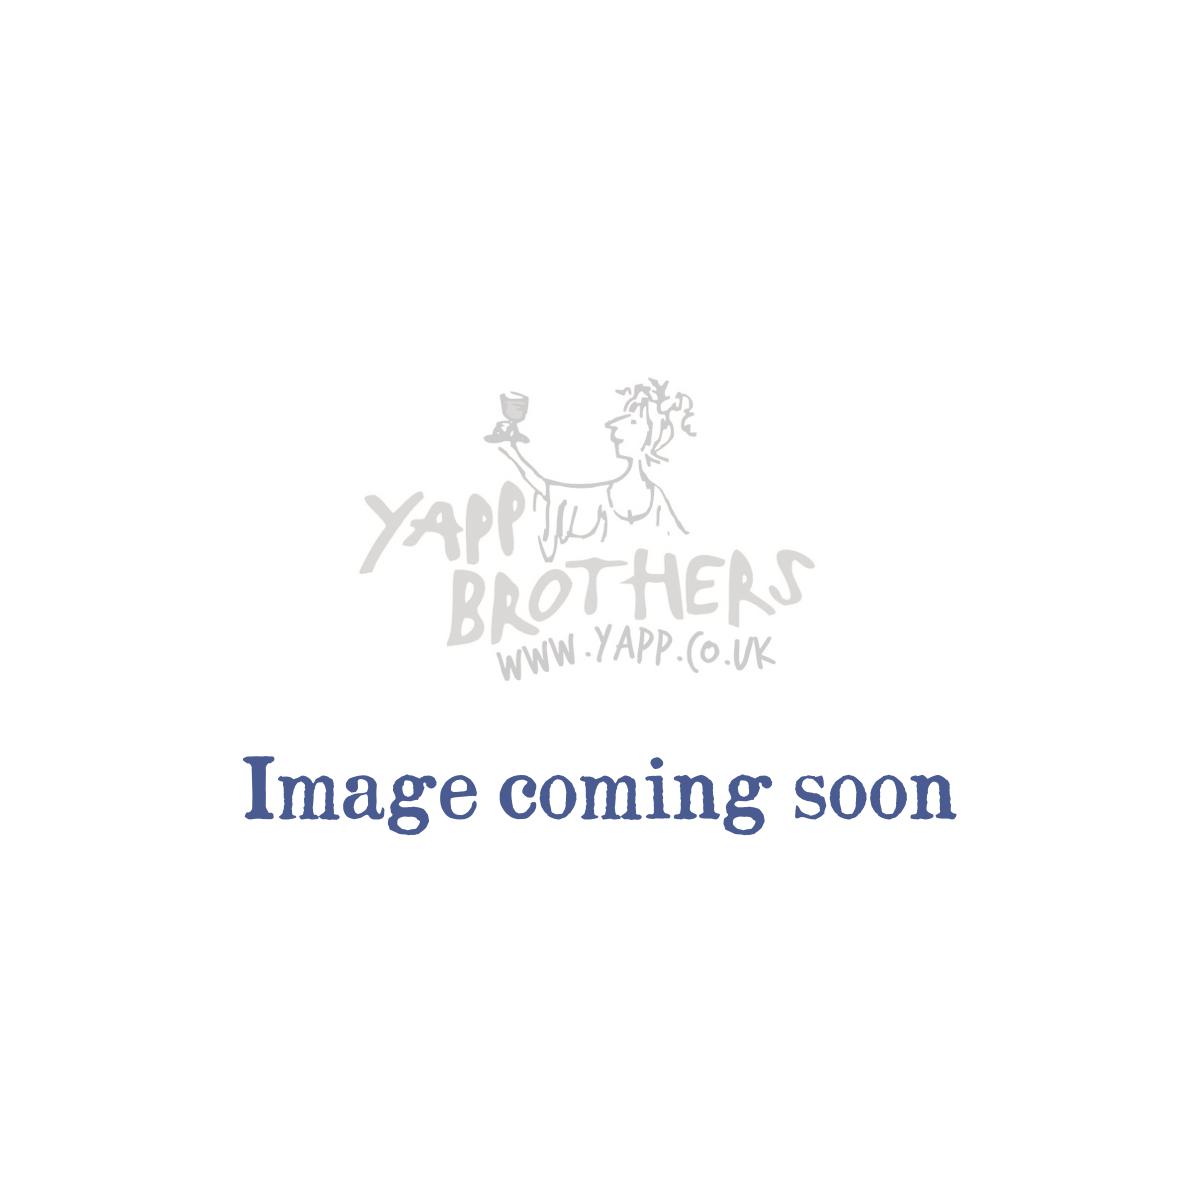 Mosel: Reichsgraf von Kesselstatt Riesling Trocken 2008 - Bottle